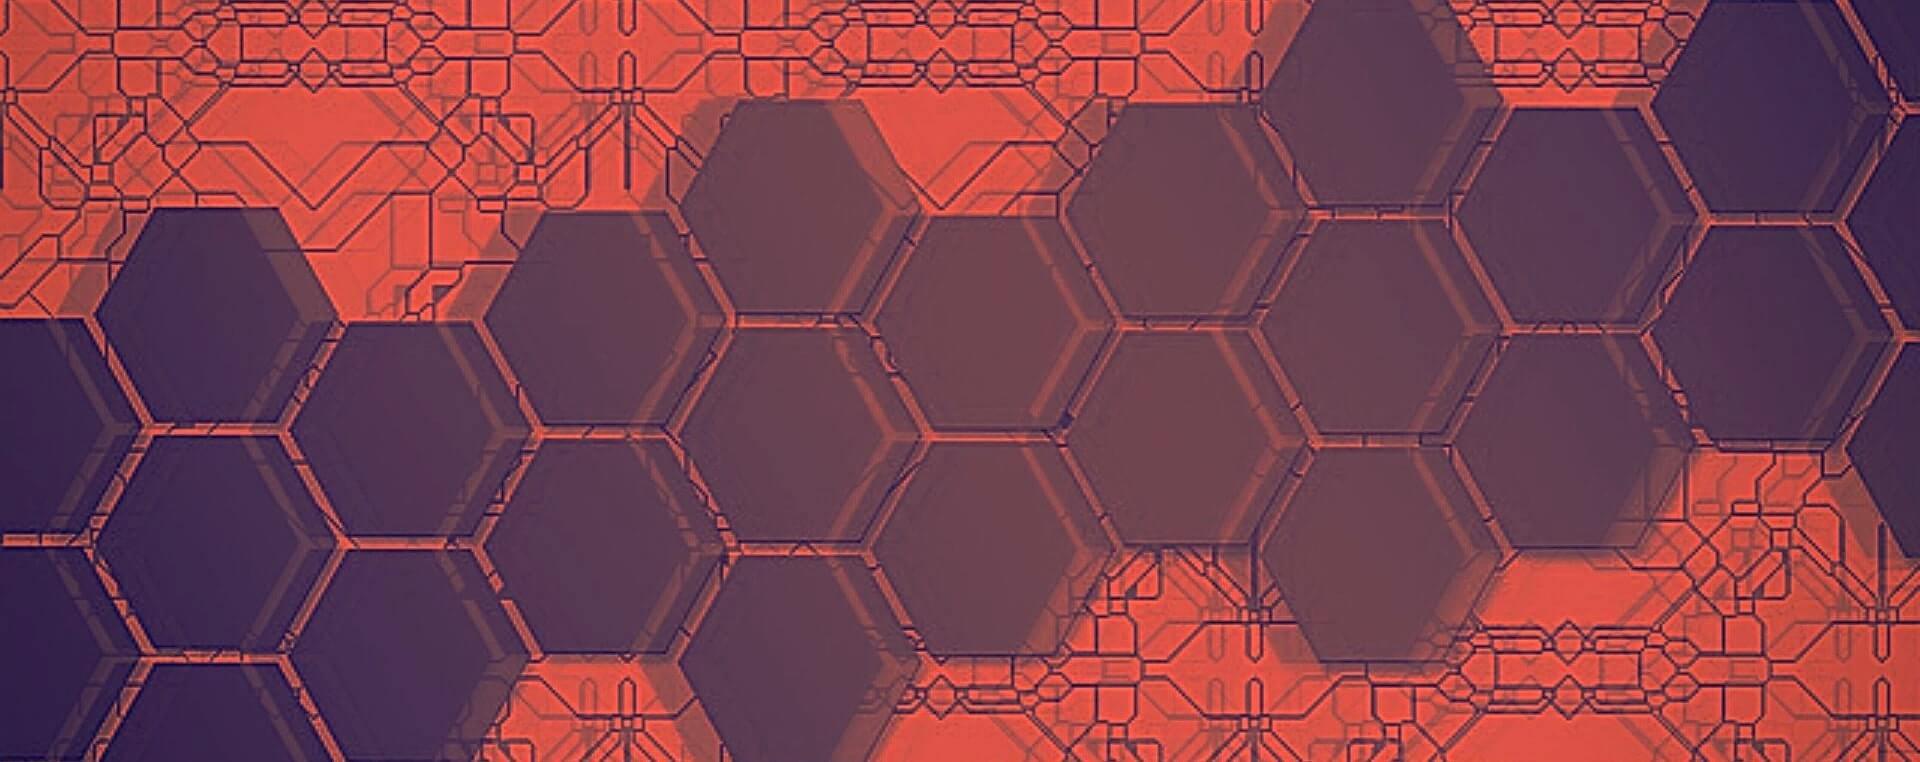 occ-stablecoins-nodes